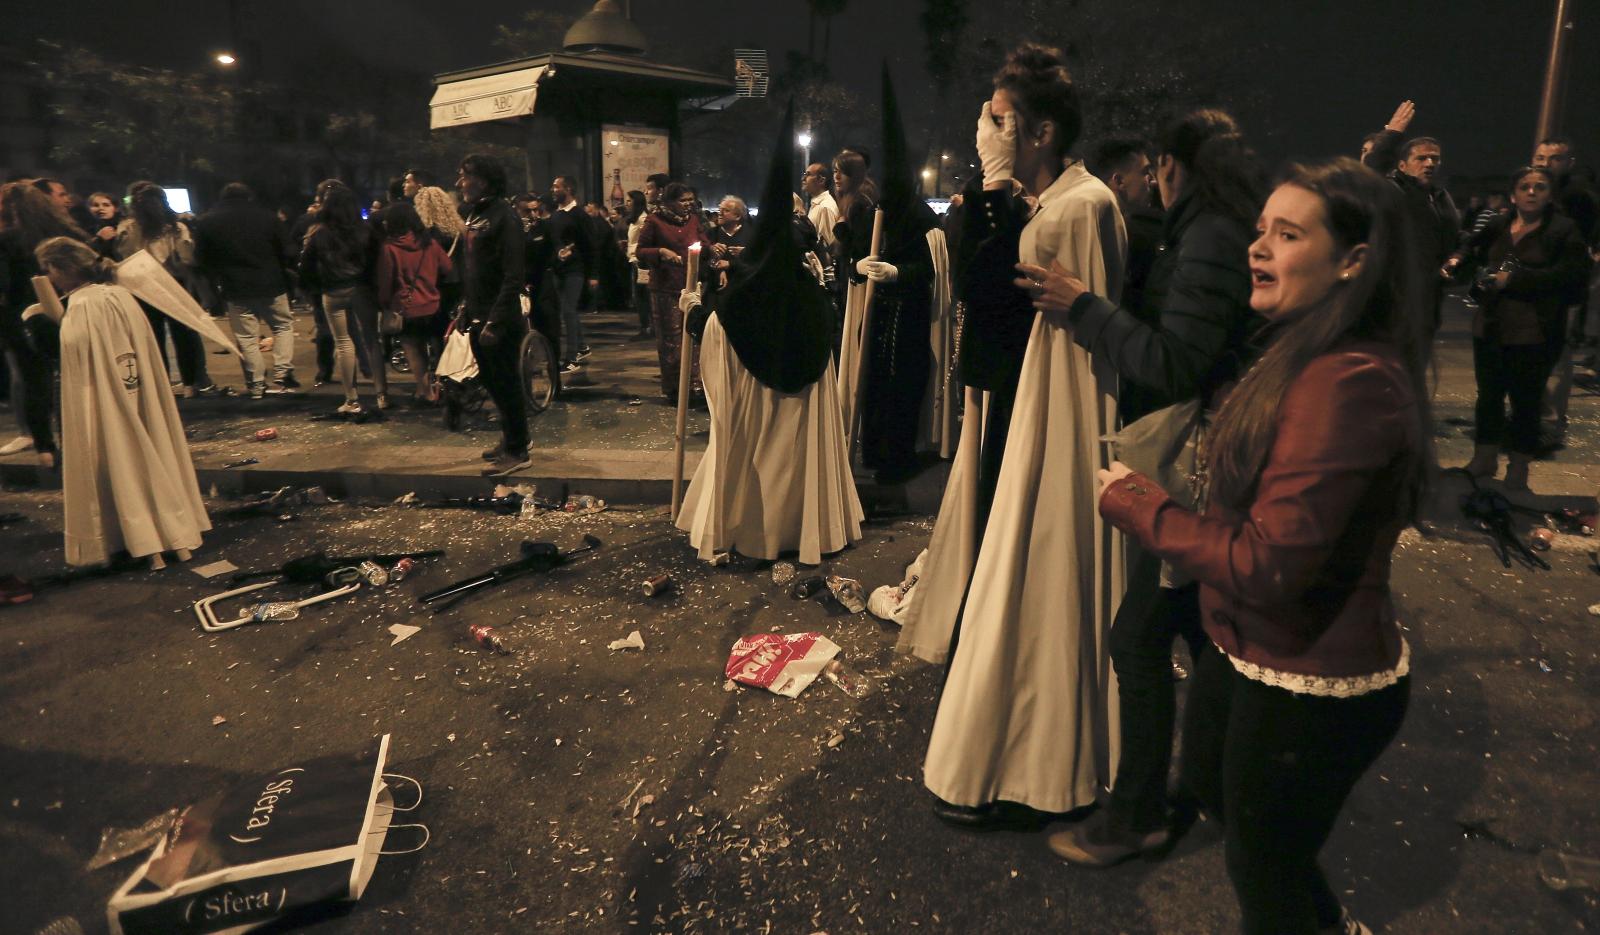 """Panika na moście Triana podczas """"Madrugi"""" podczas procesji w Sewilli, na południu Hiszpanii. Fot. EPA/JOSE MANUEL VIDAL"""